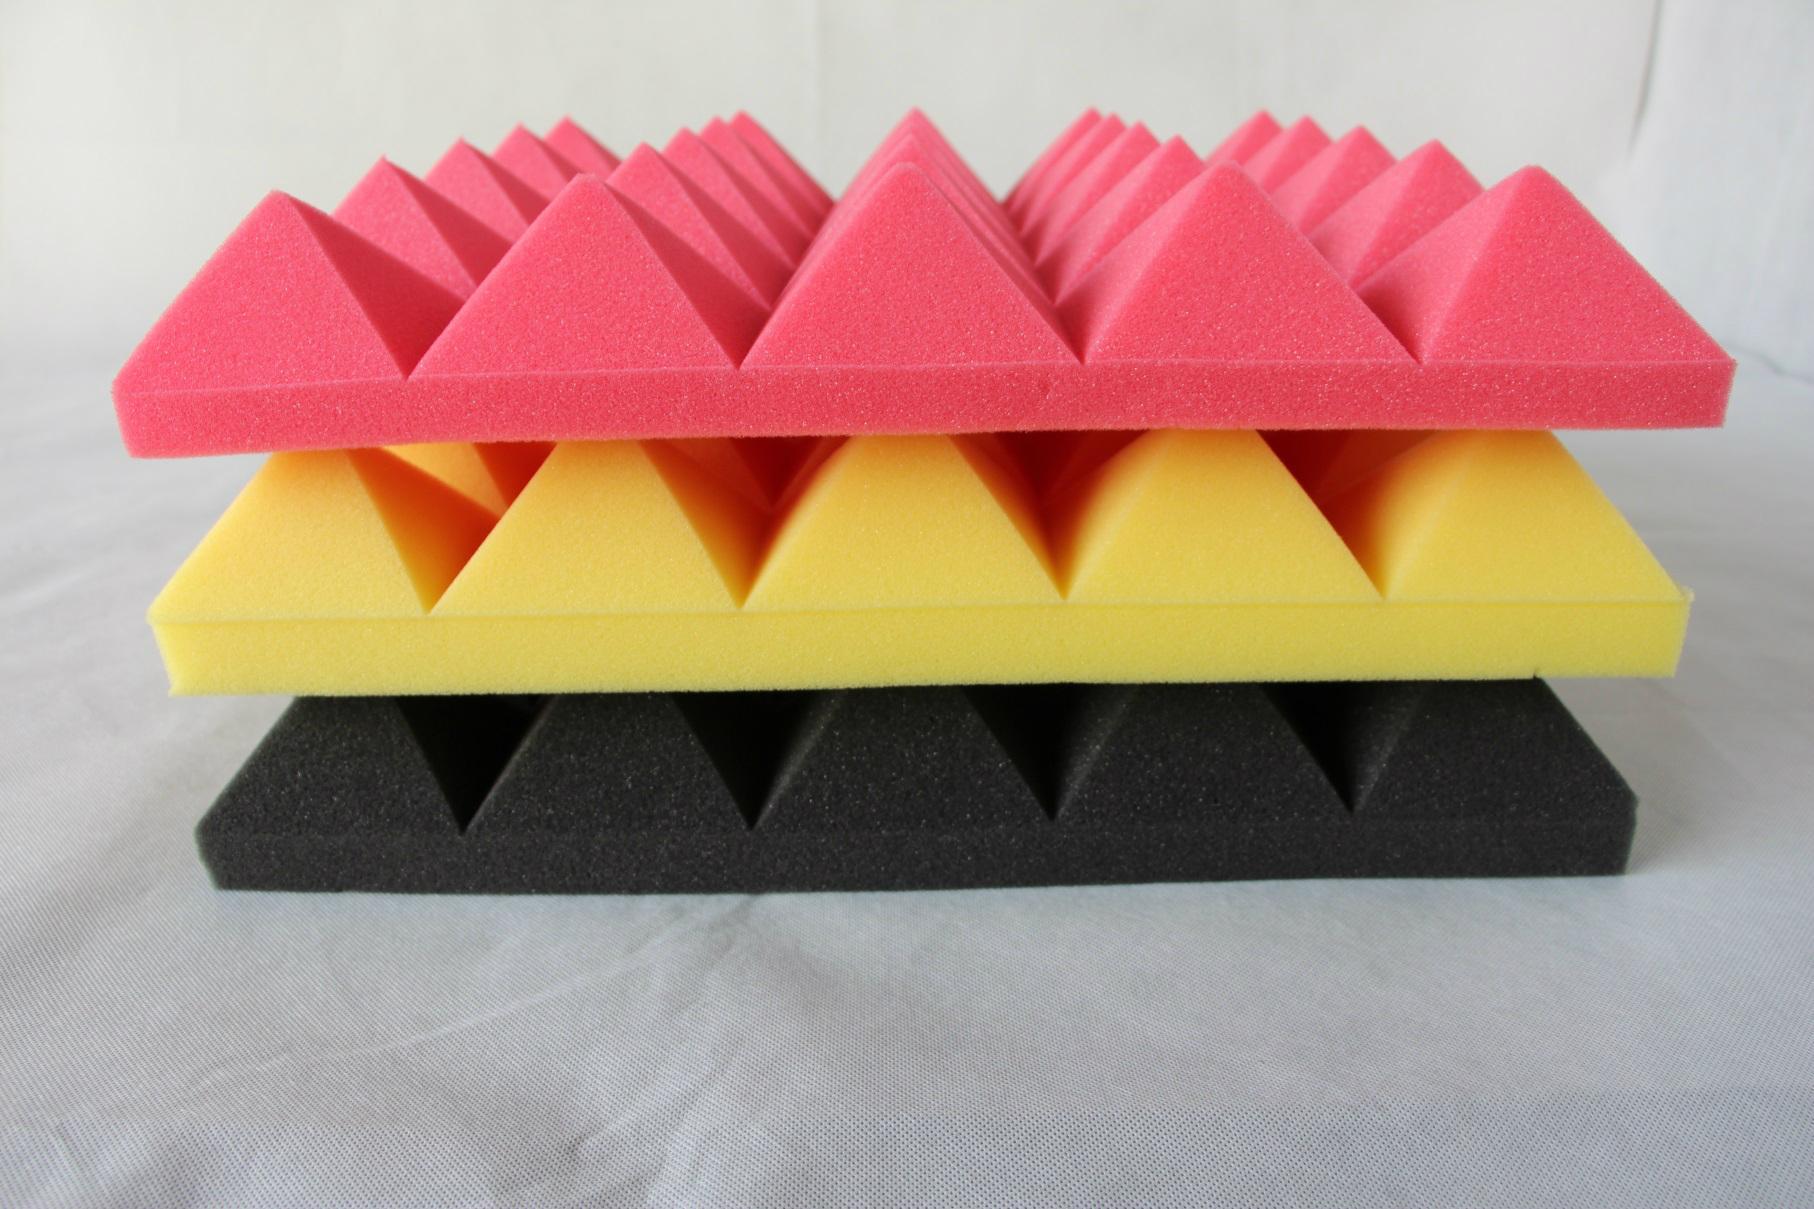 广州木质吸音板厂家|木质吸音板价格 5